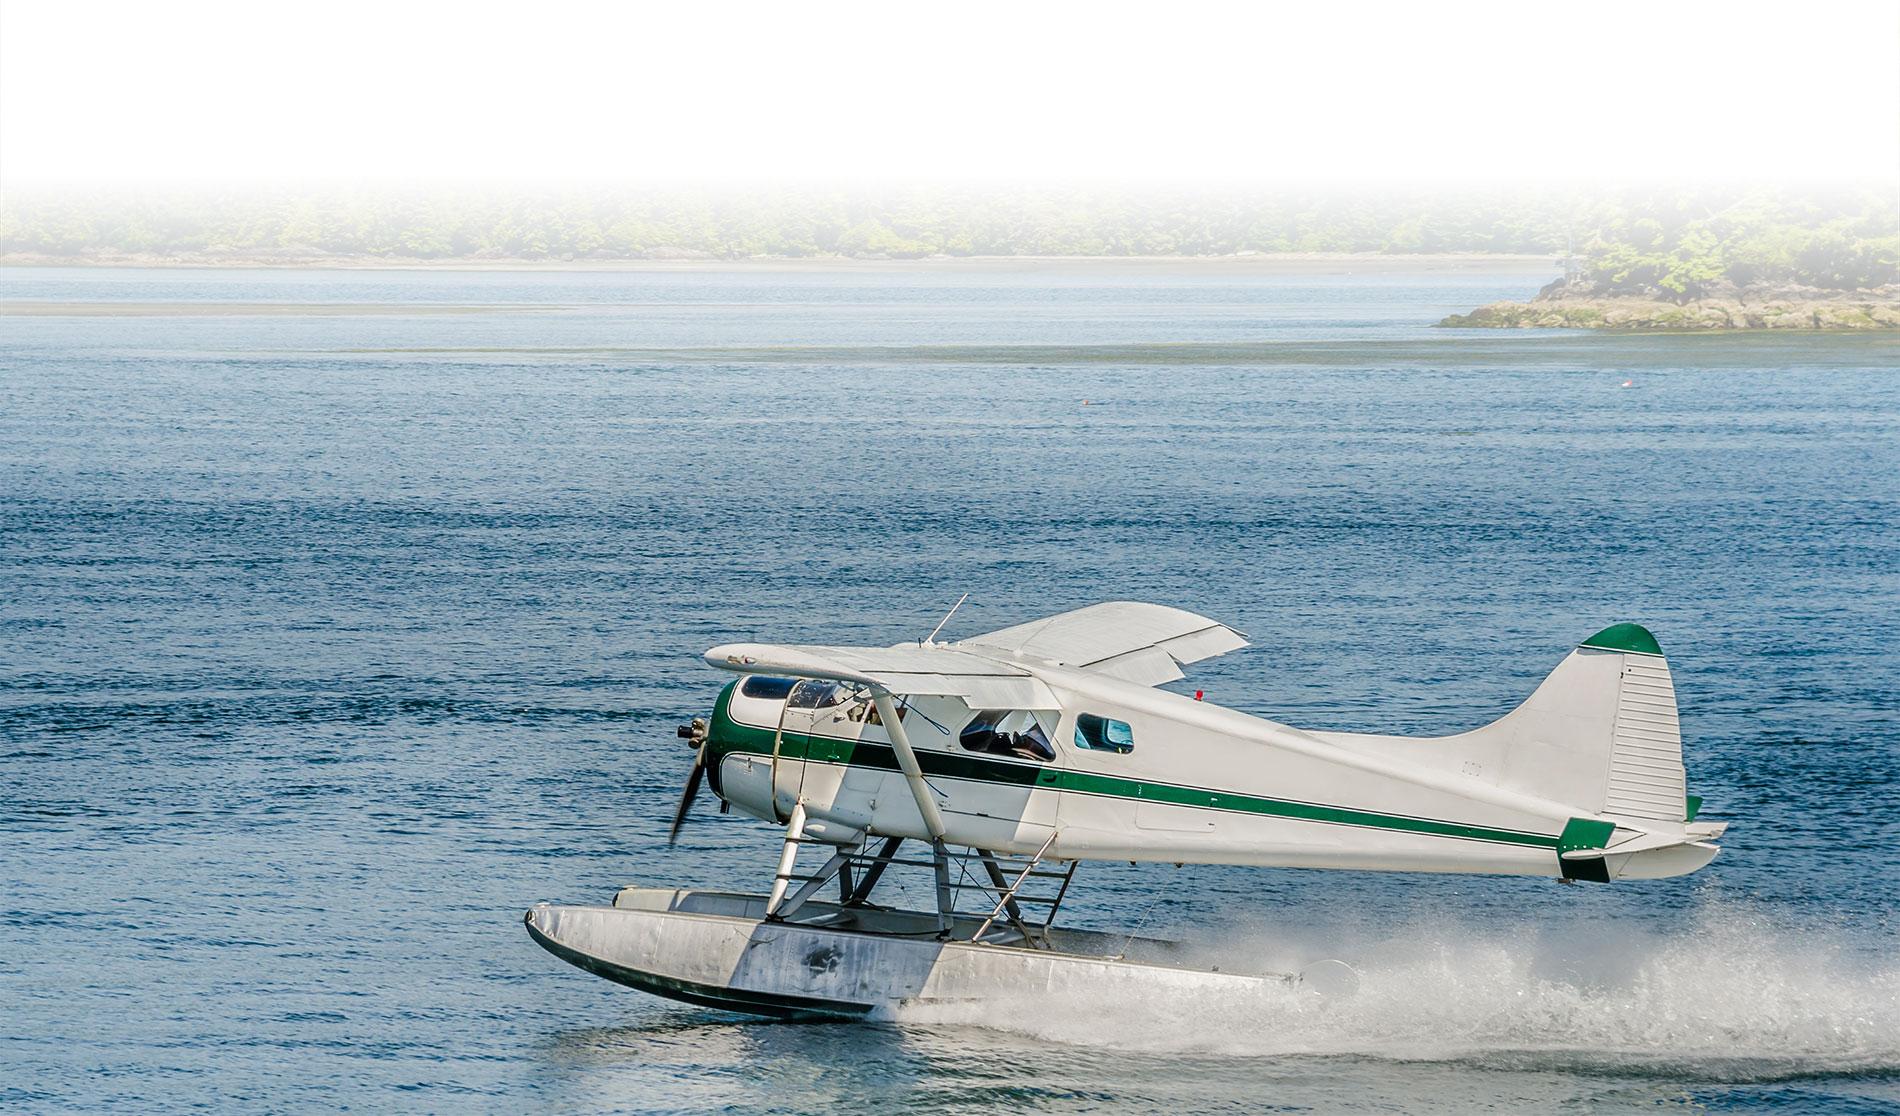 TRICOR Aero Insurance Coverage